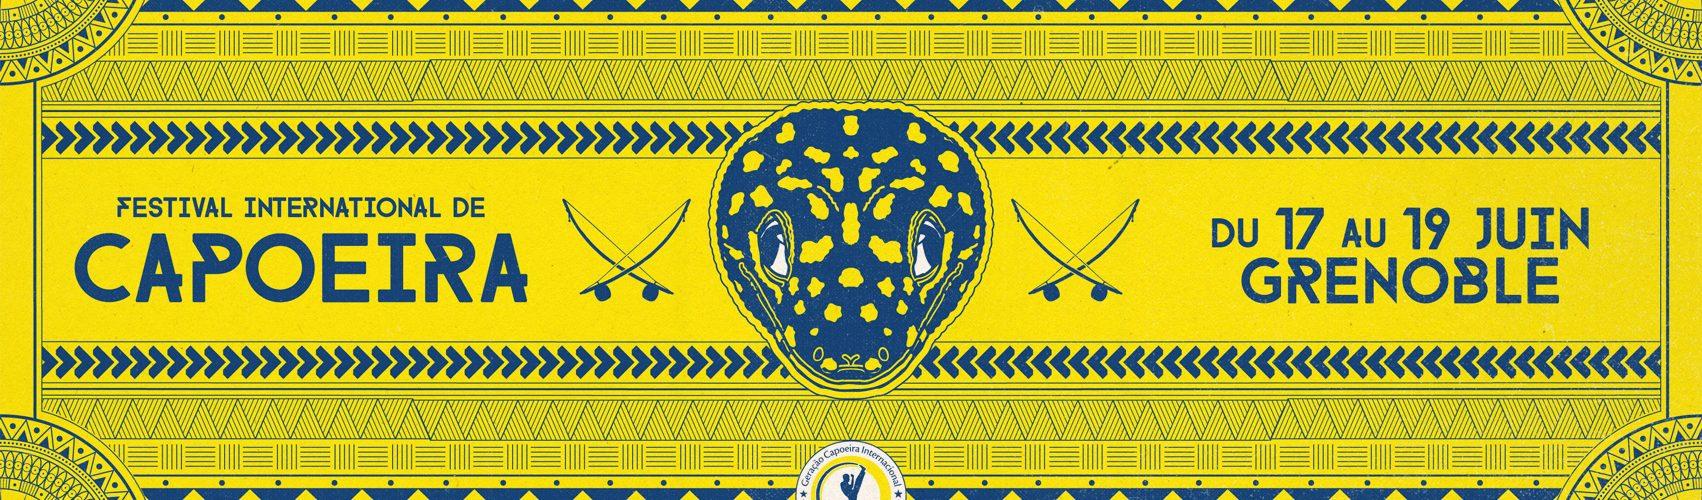 couverture festival international de capoeira - geracao capoeira